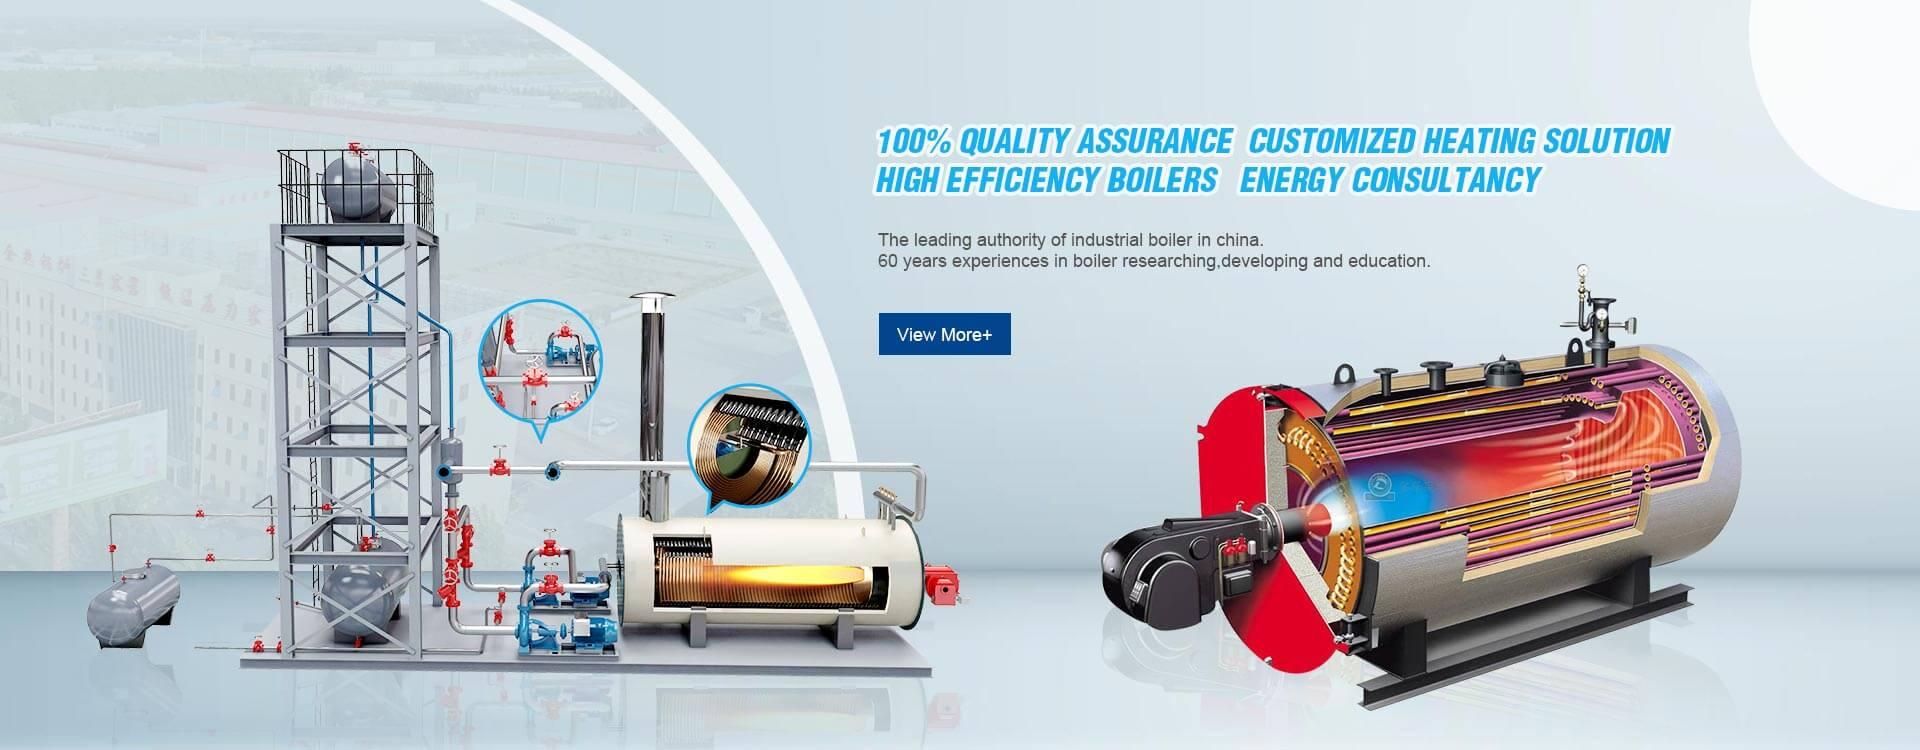 ssteam boiler,thermal oil boiler,biomass boiler supplier